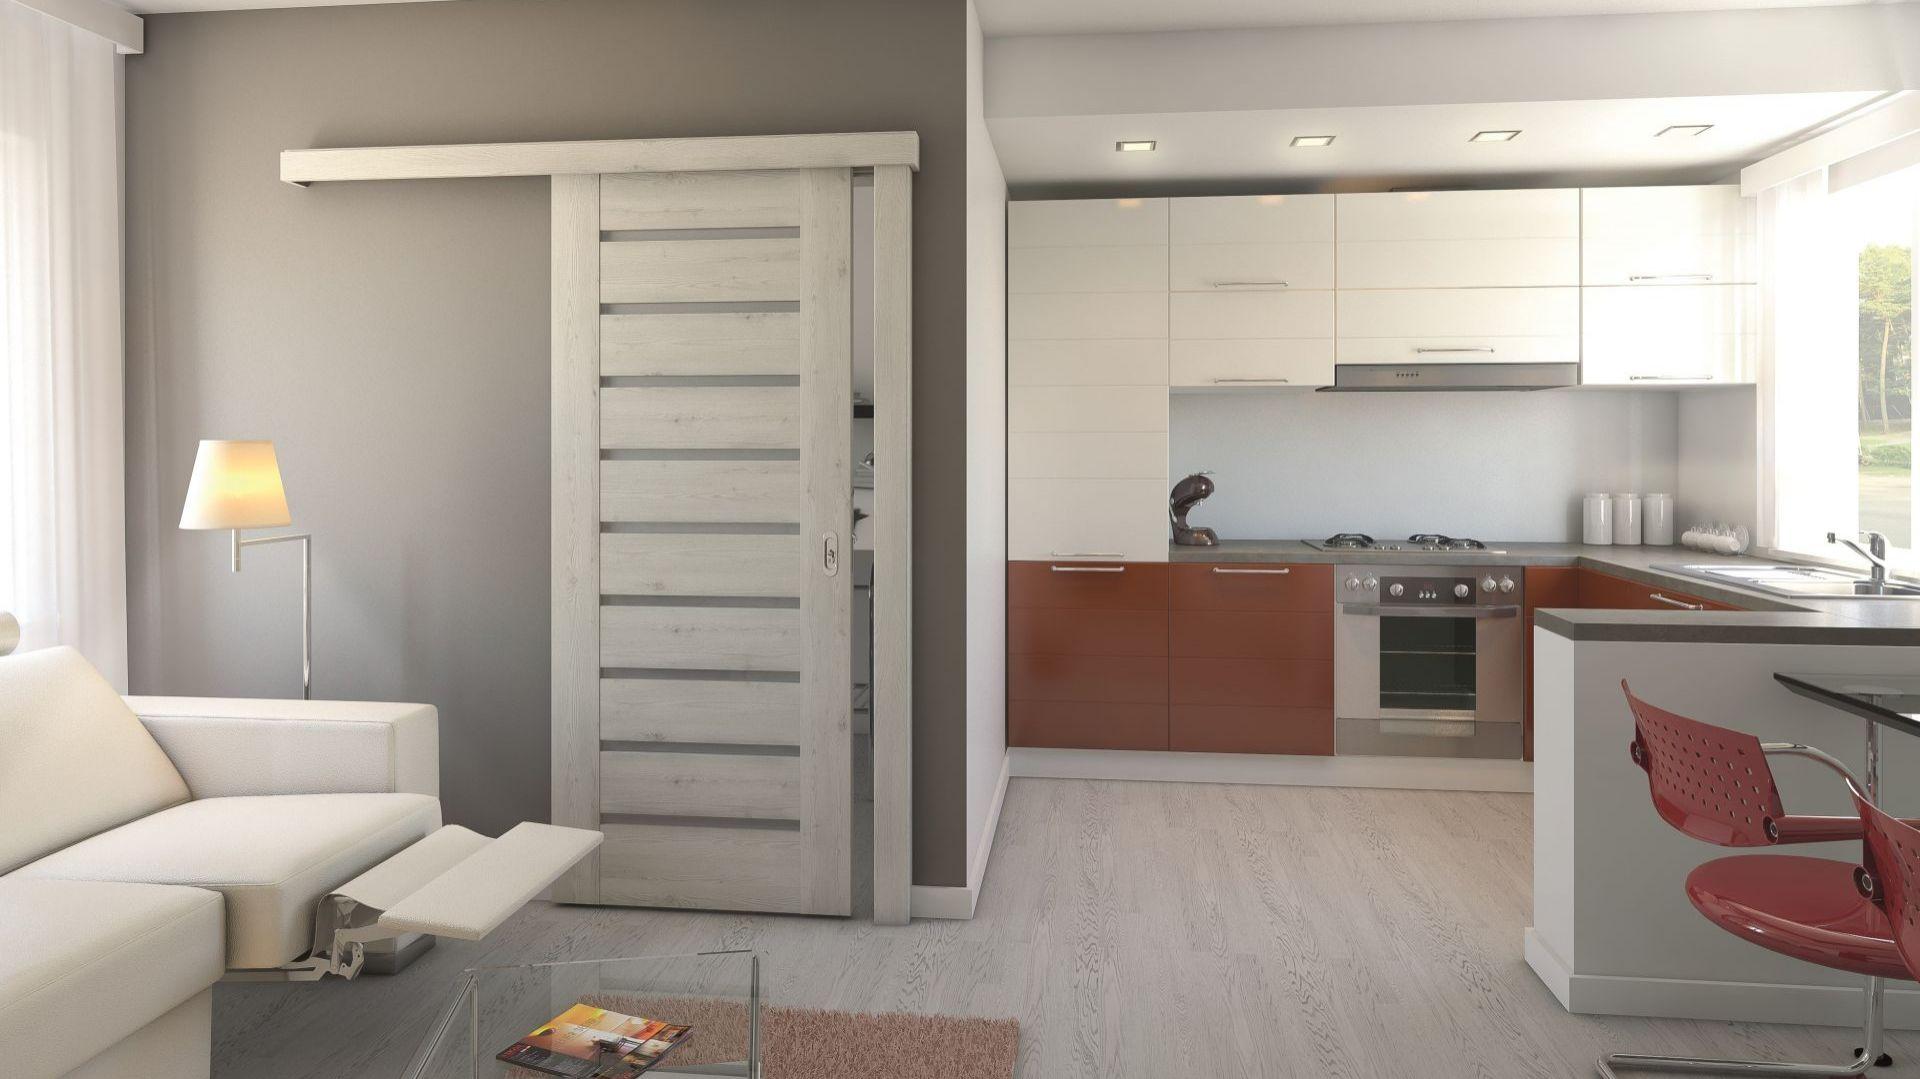 Dobrym sposobem na zaoszczędzenie przestrzeni w małym mieszkaniu jest zastosowanie drzwi w wersji przesuwnej. Wówczas powierzchnię, którą zajmują tradycyjnie Fot. Porta Drzwi